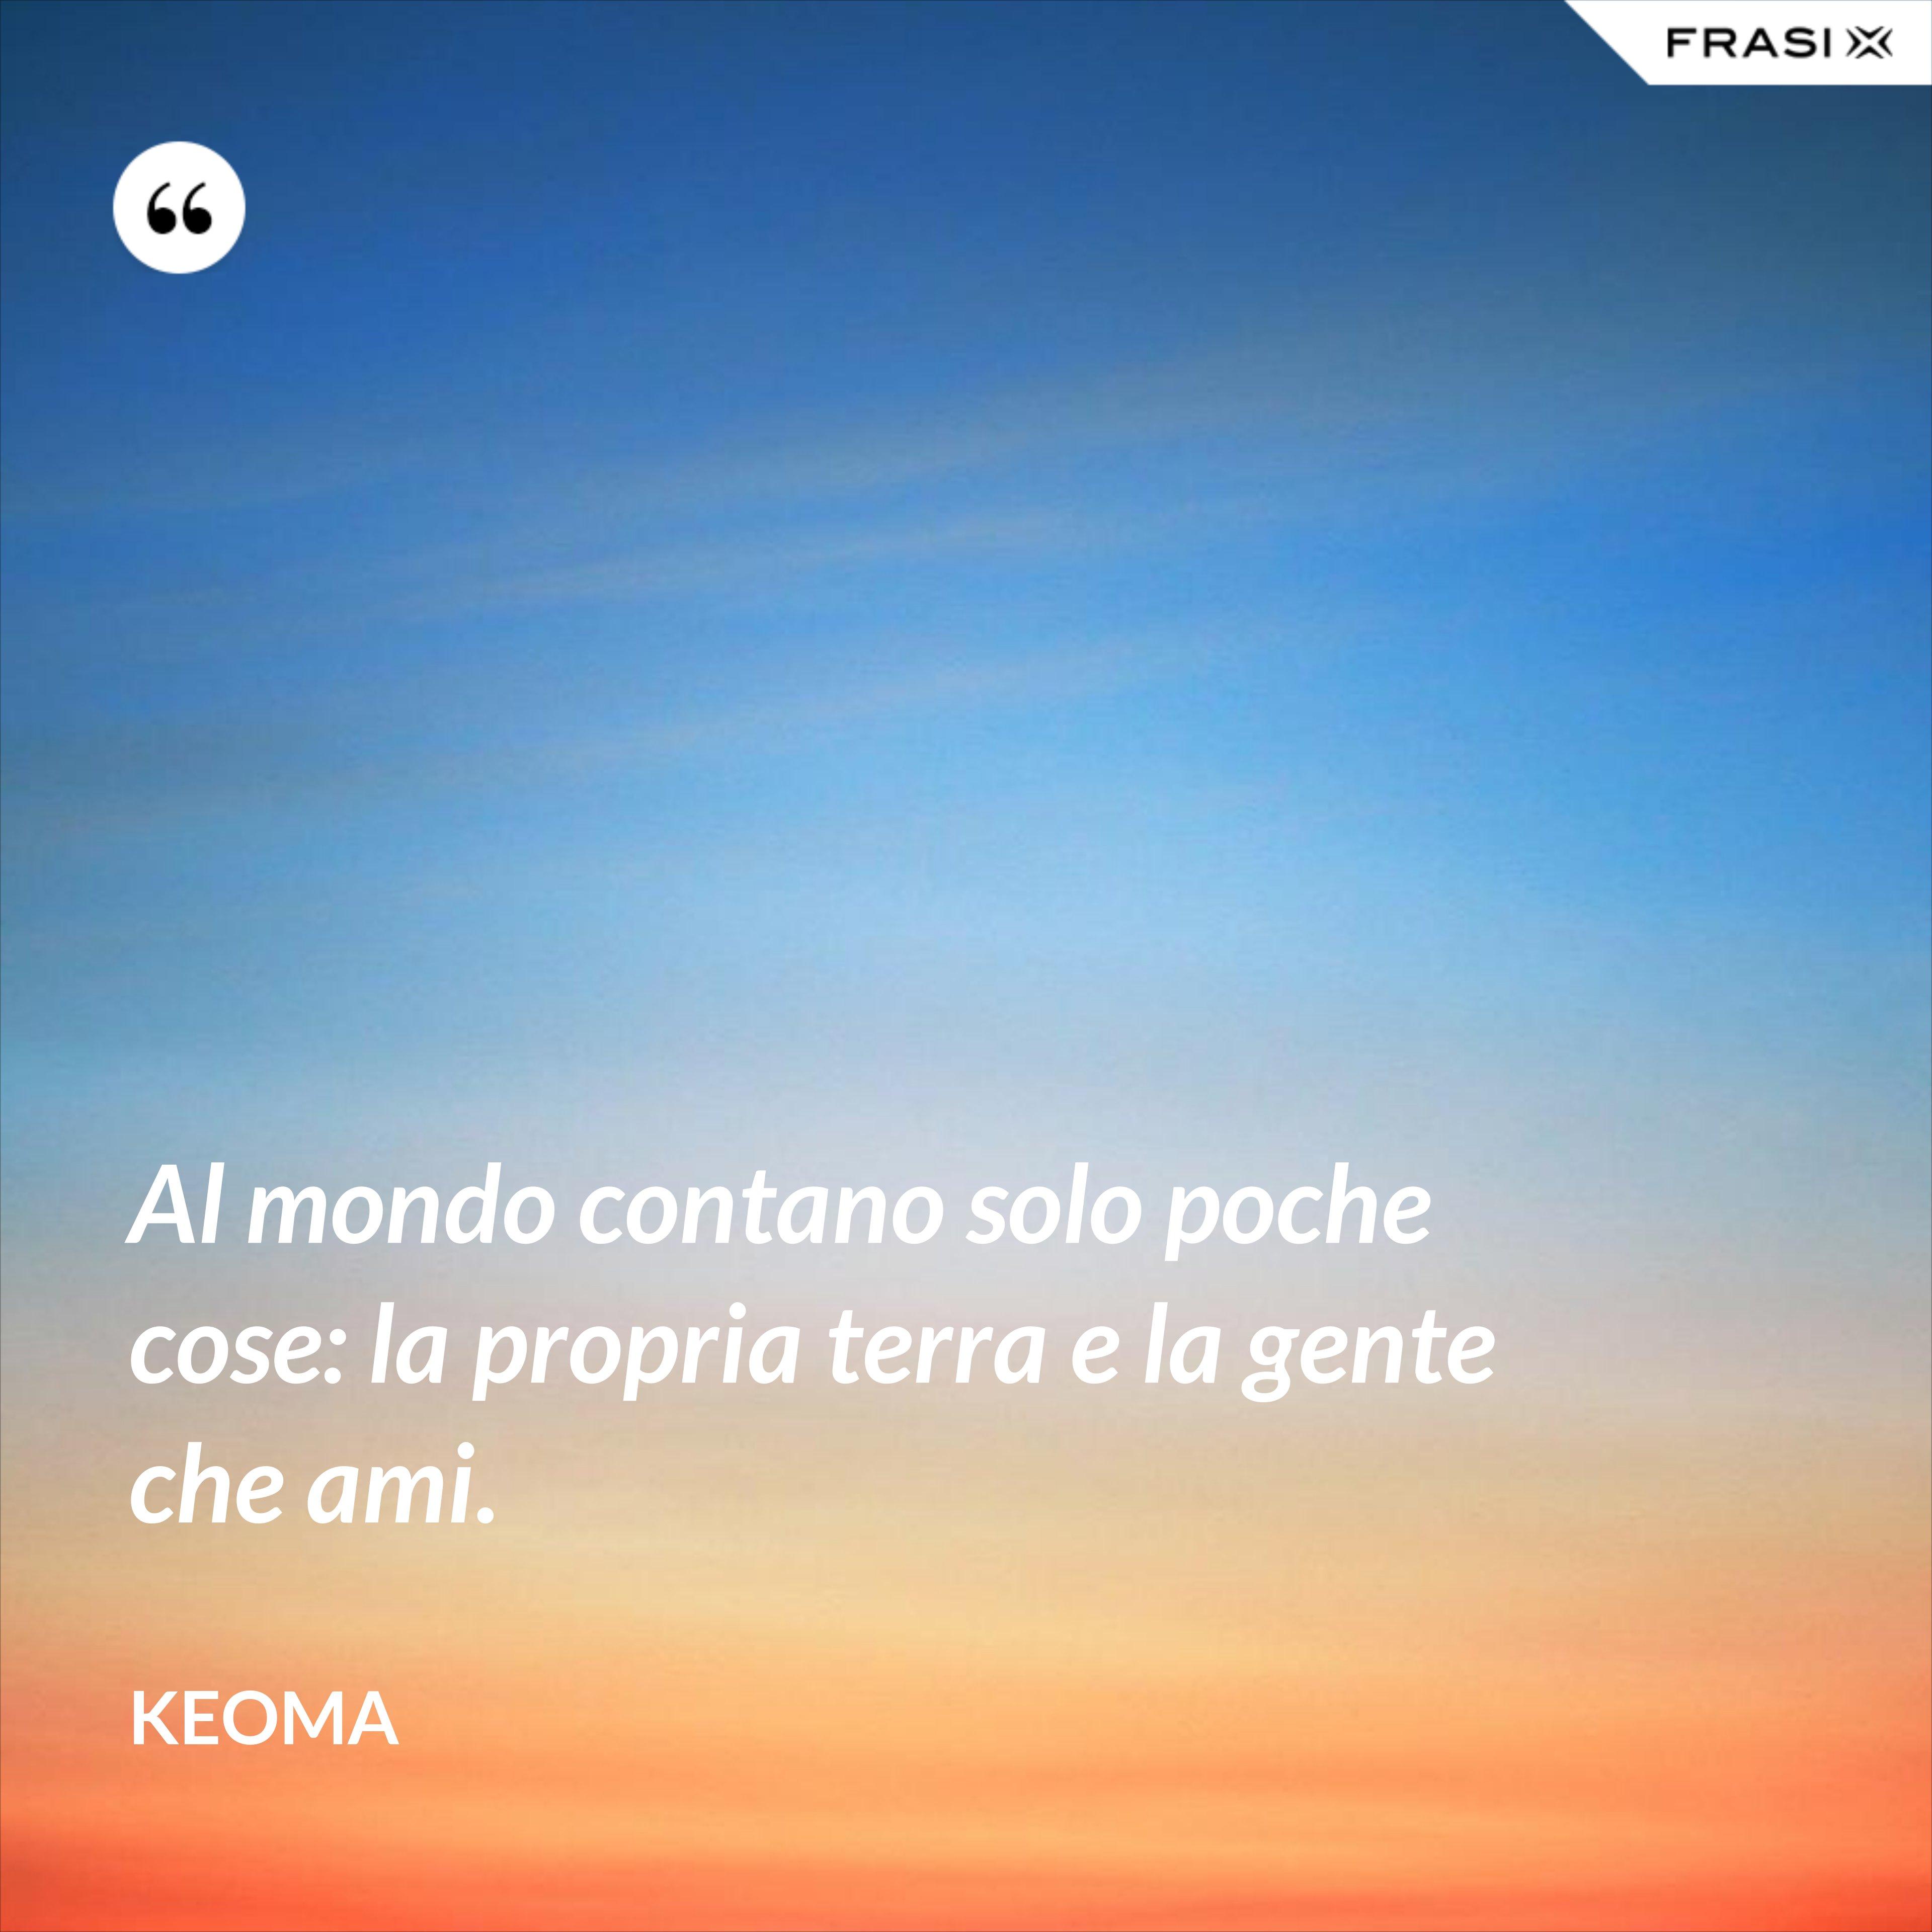 Al mondo contano solo poche cose: la propria terra e la gente che ami. - Keoma